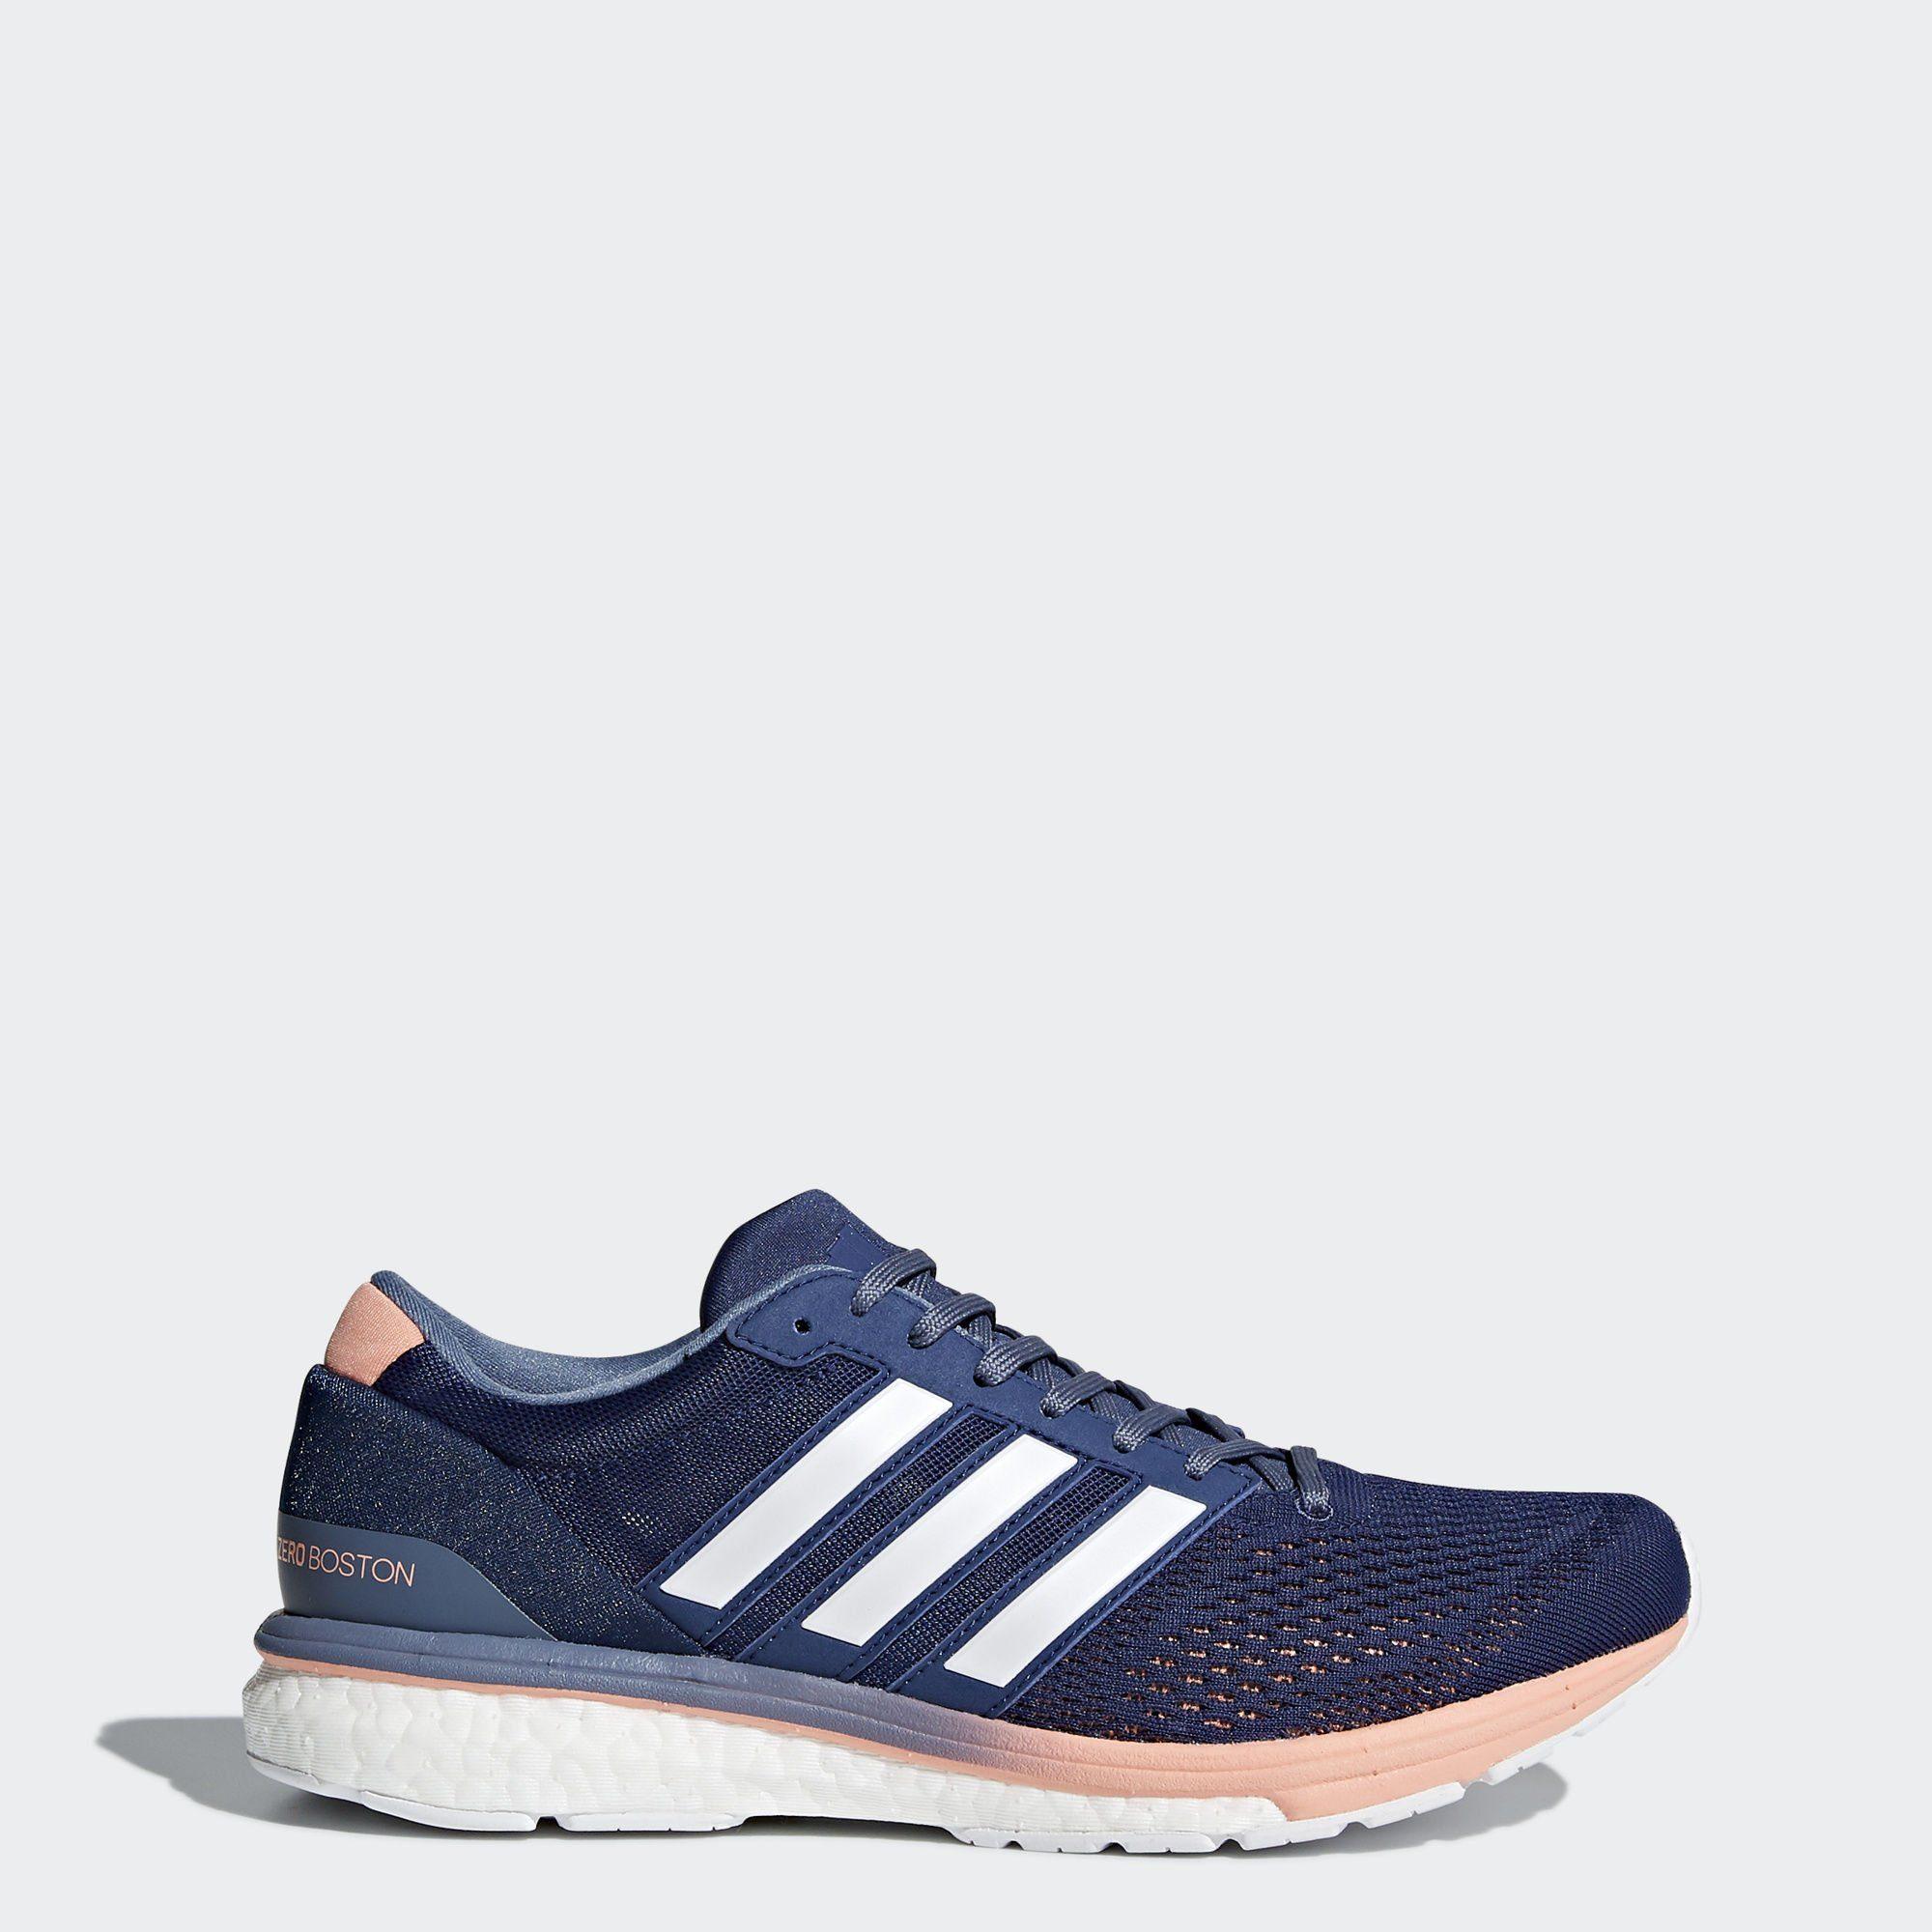 adizero Boston 6 Schuh adidas Rabatt Wie Viel Aus Deutschland Niedrig Versandkosten zK0xTTr